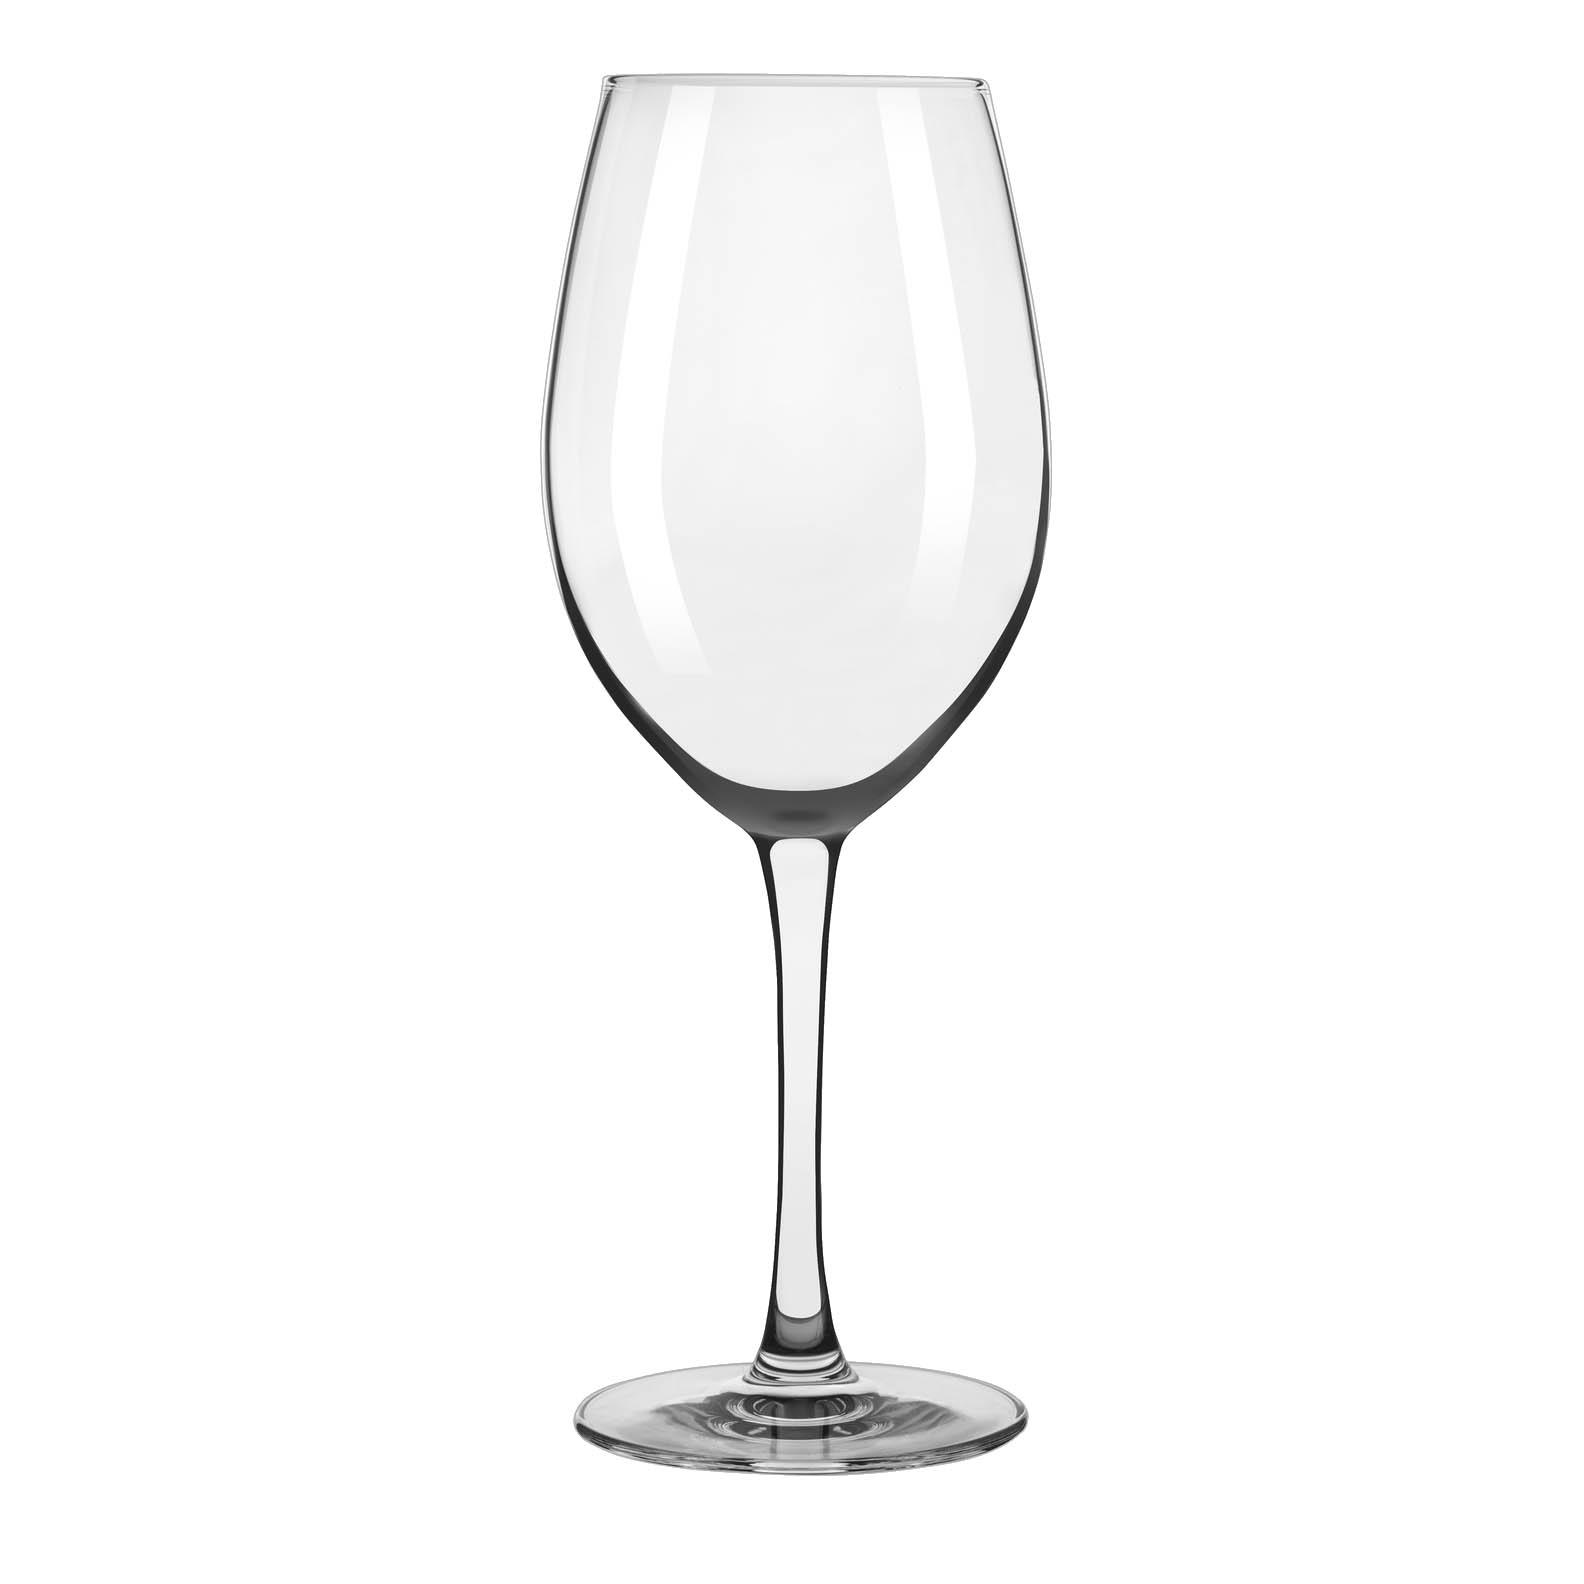 Libbey Glass 9230 glass, wine